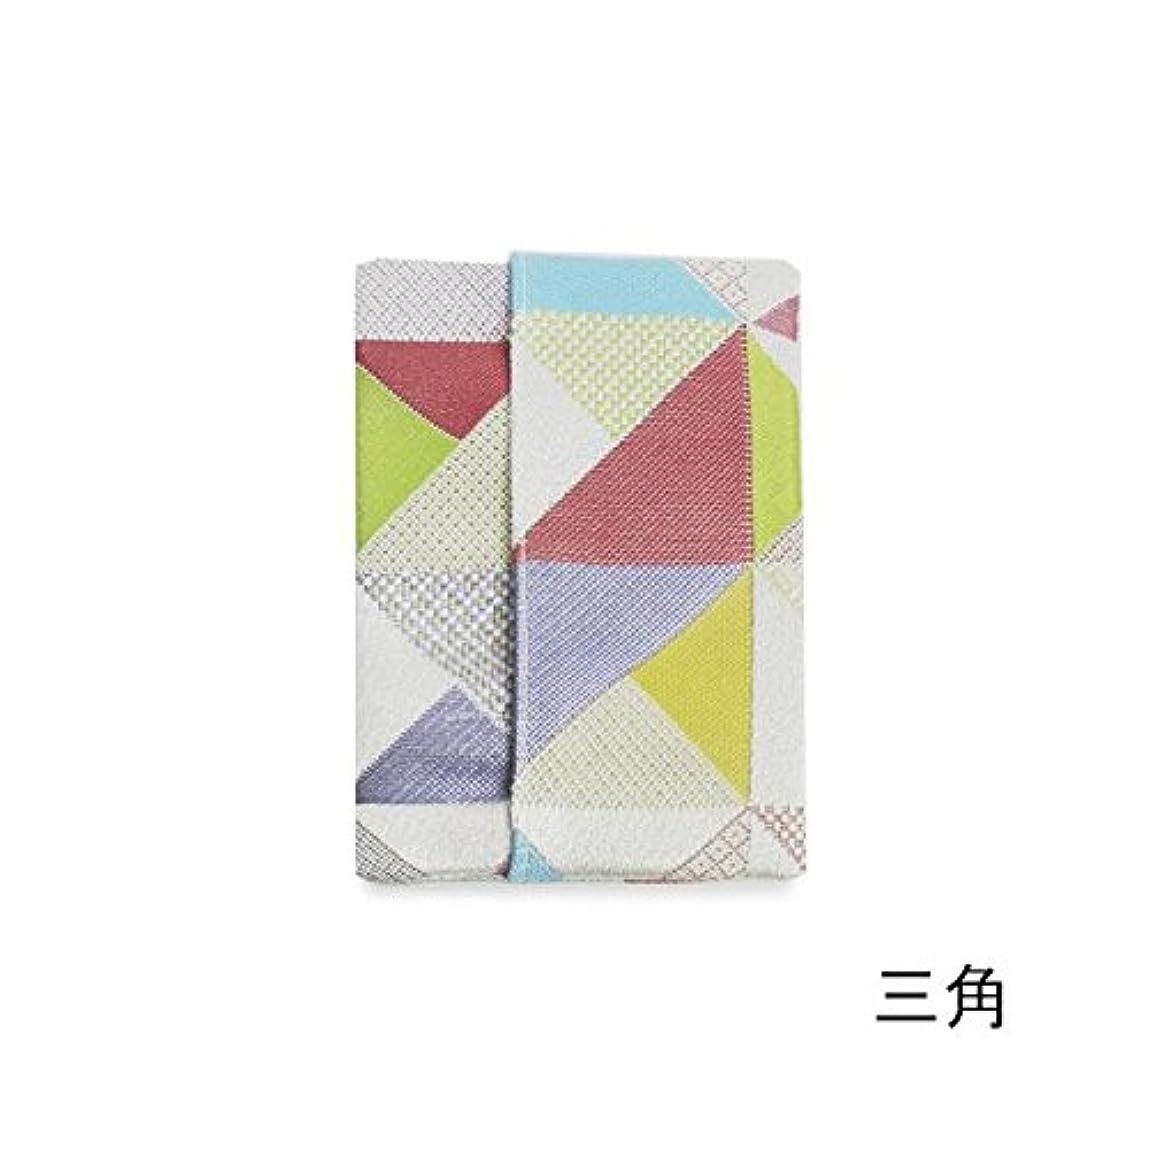 フェンス長方形やがてなにいろ サシェ  (三角)